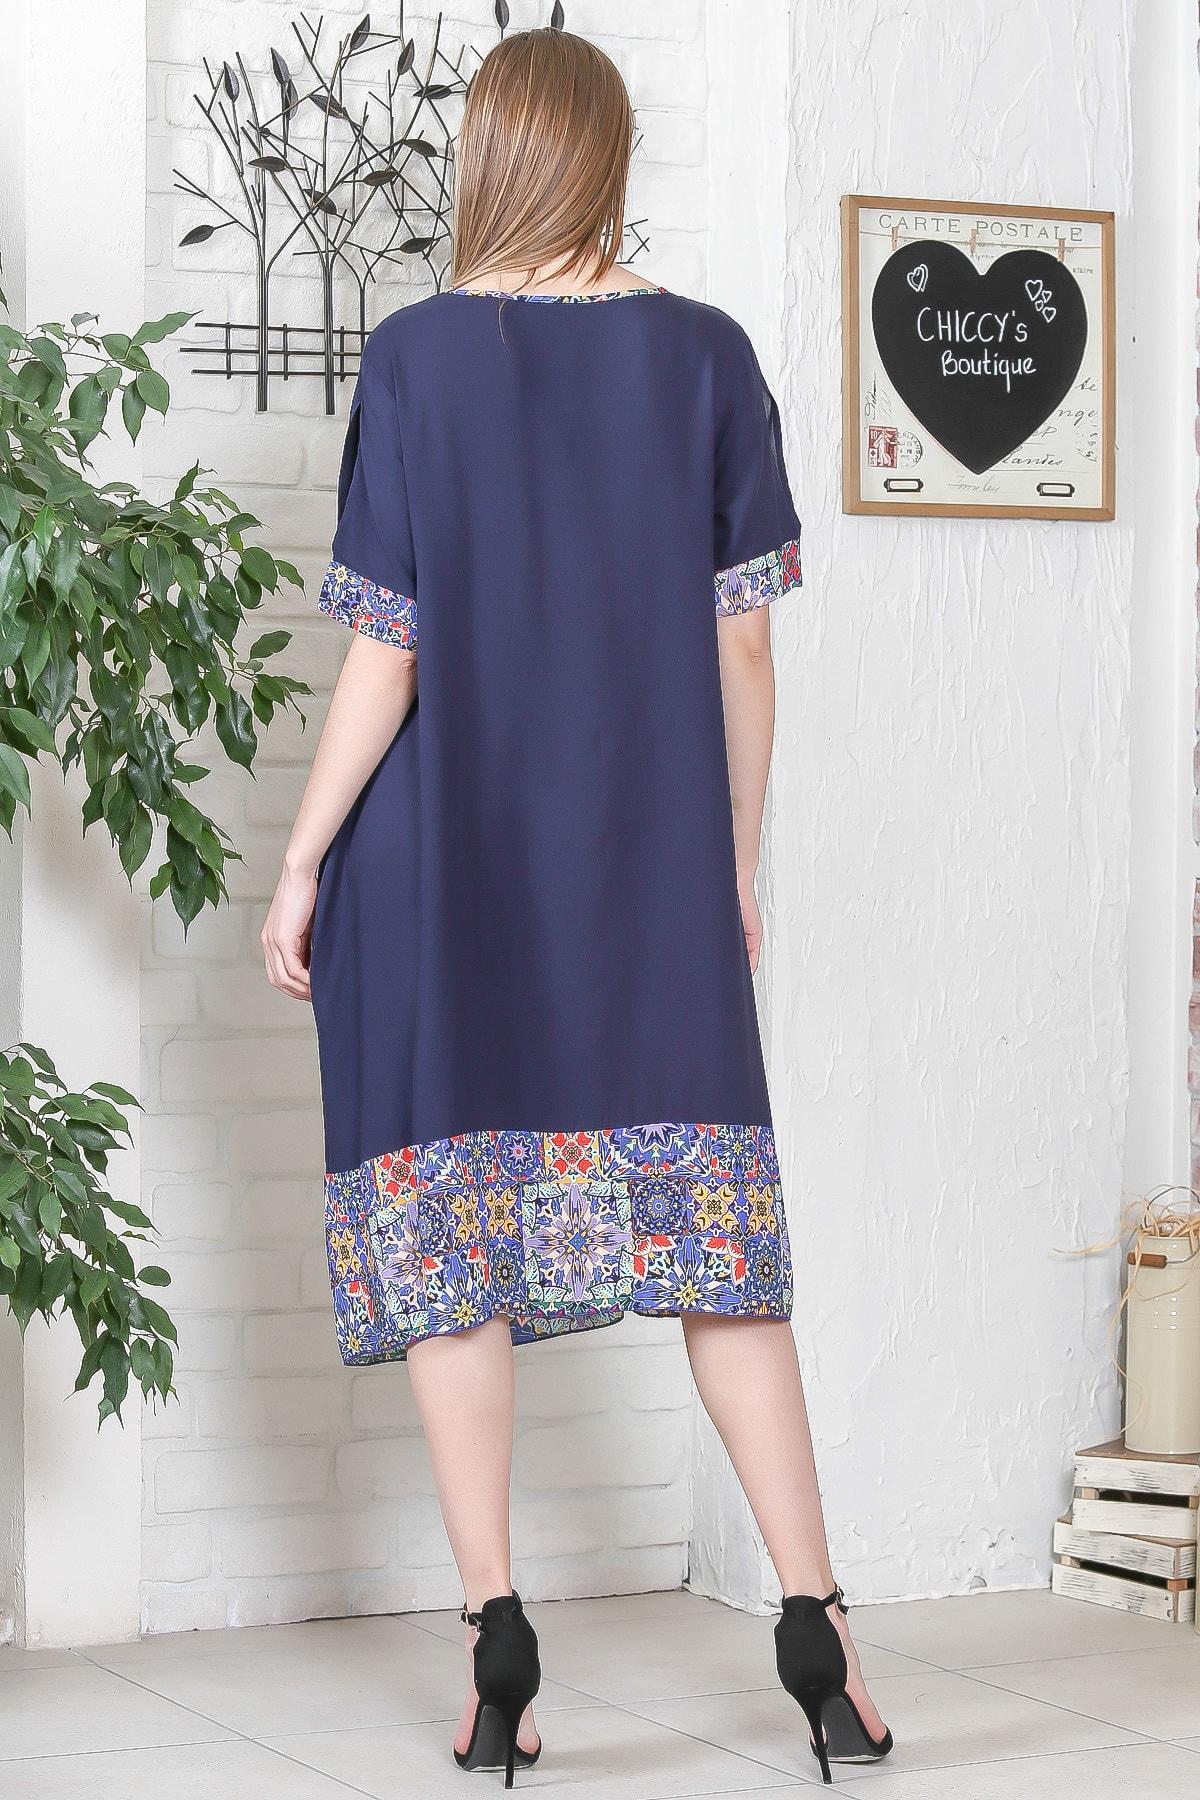 Chiccy Kadın Lacivert El İşi Çiçek İşlemeli Kol Ve Etek Ucu Çini Desen Bloklu Cepli Elbise M10160000EL95276 4